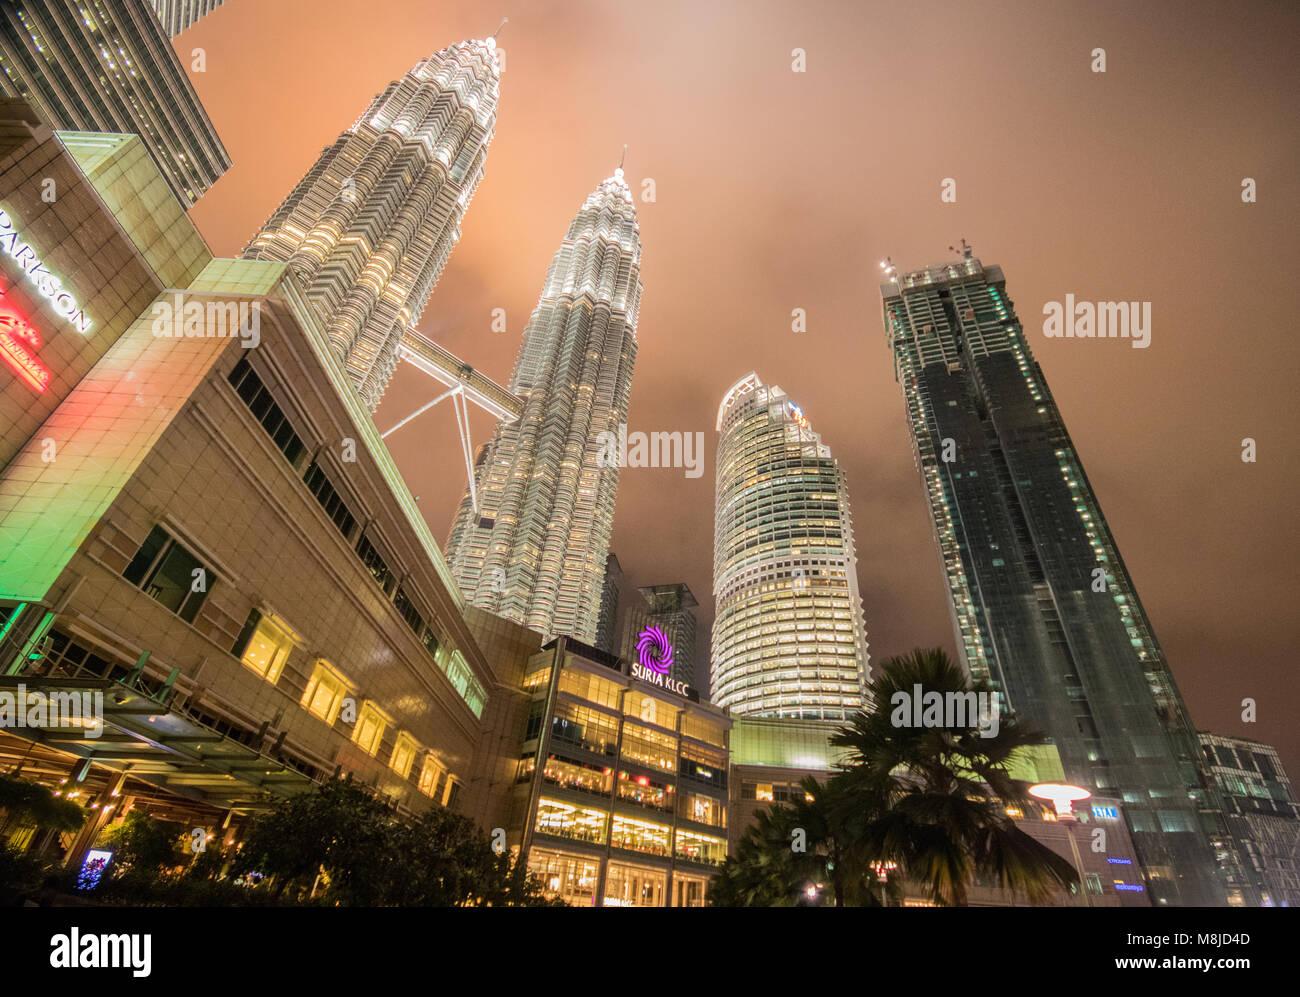 Petronas Towers at night, KLCC, Kuala Lumpur, Malaysia - Stock Image